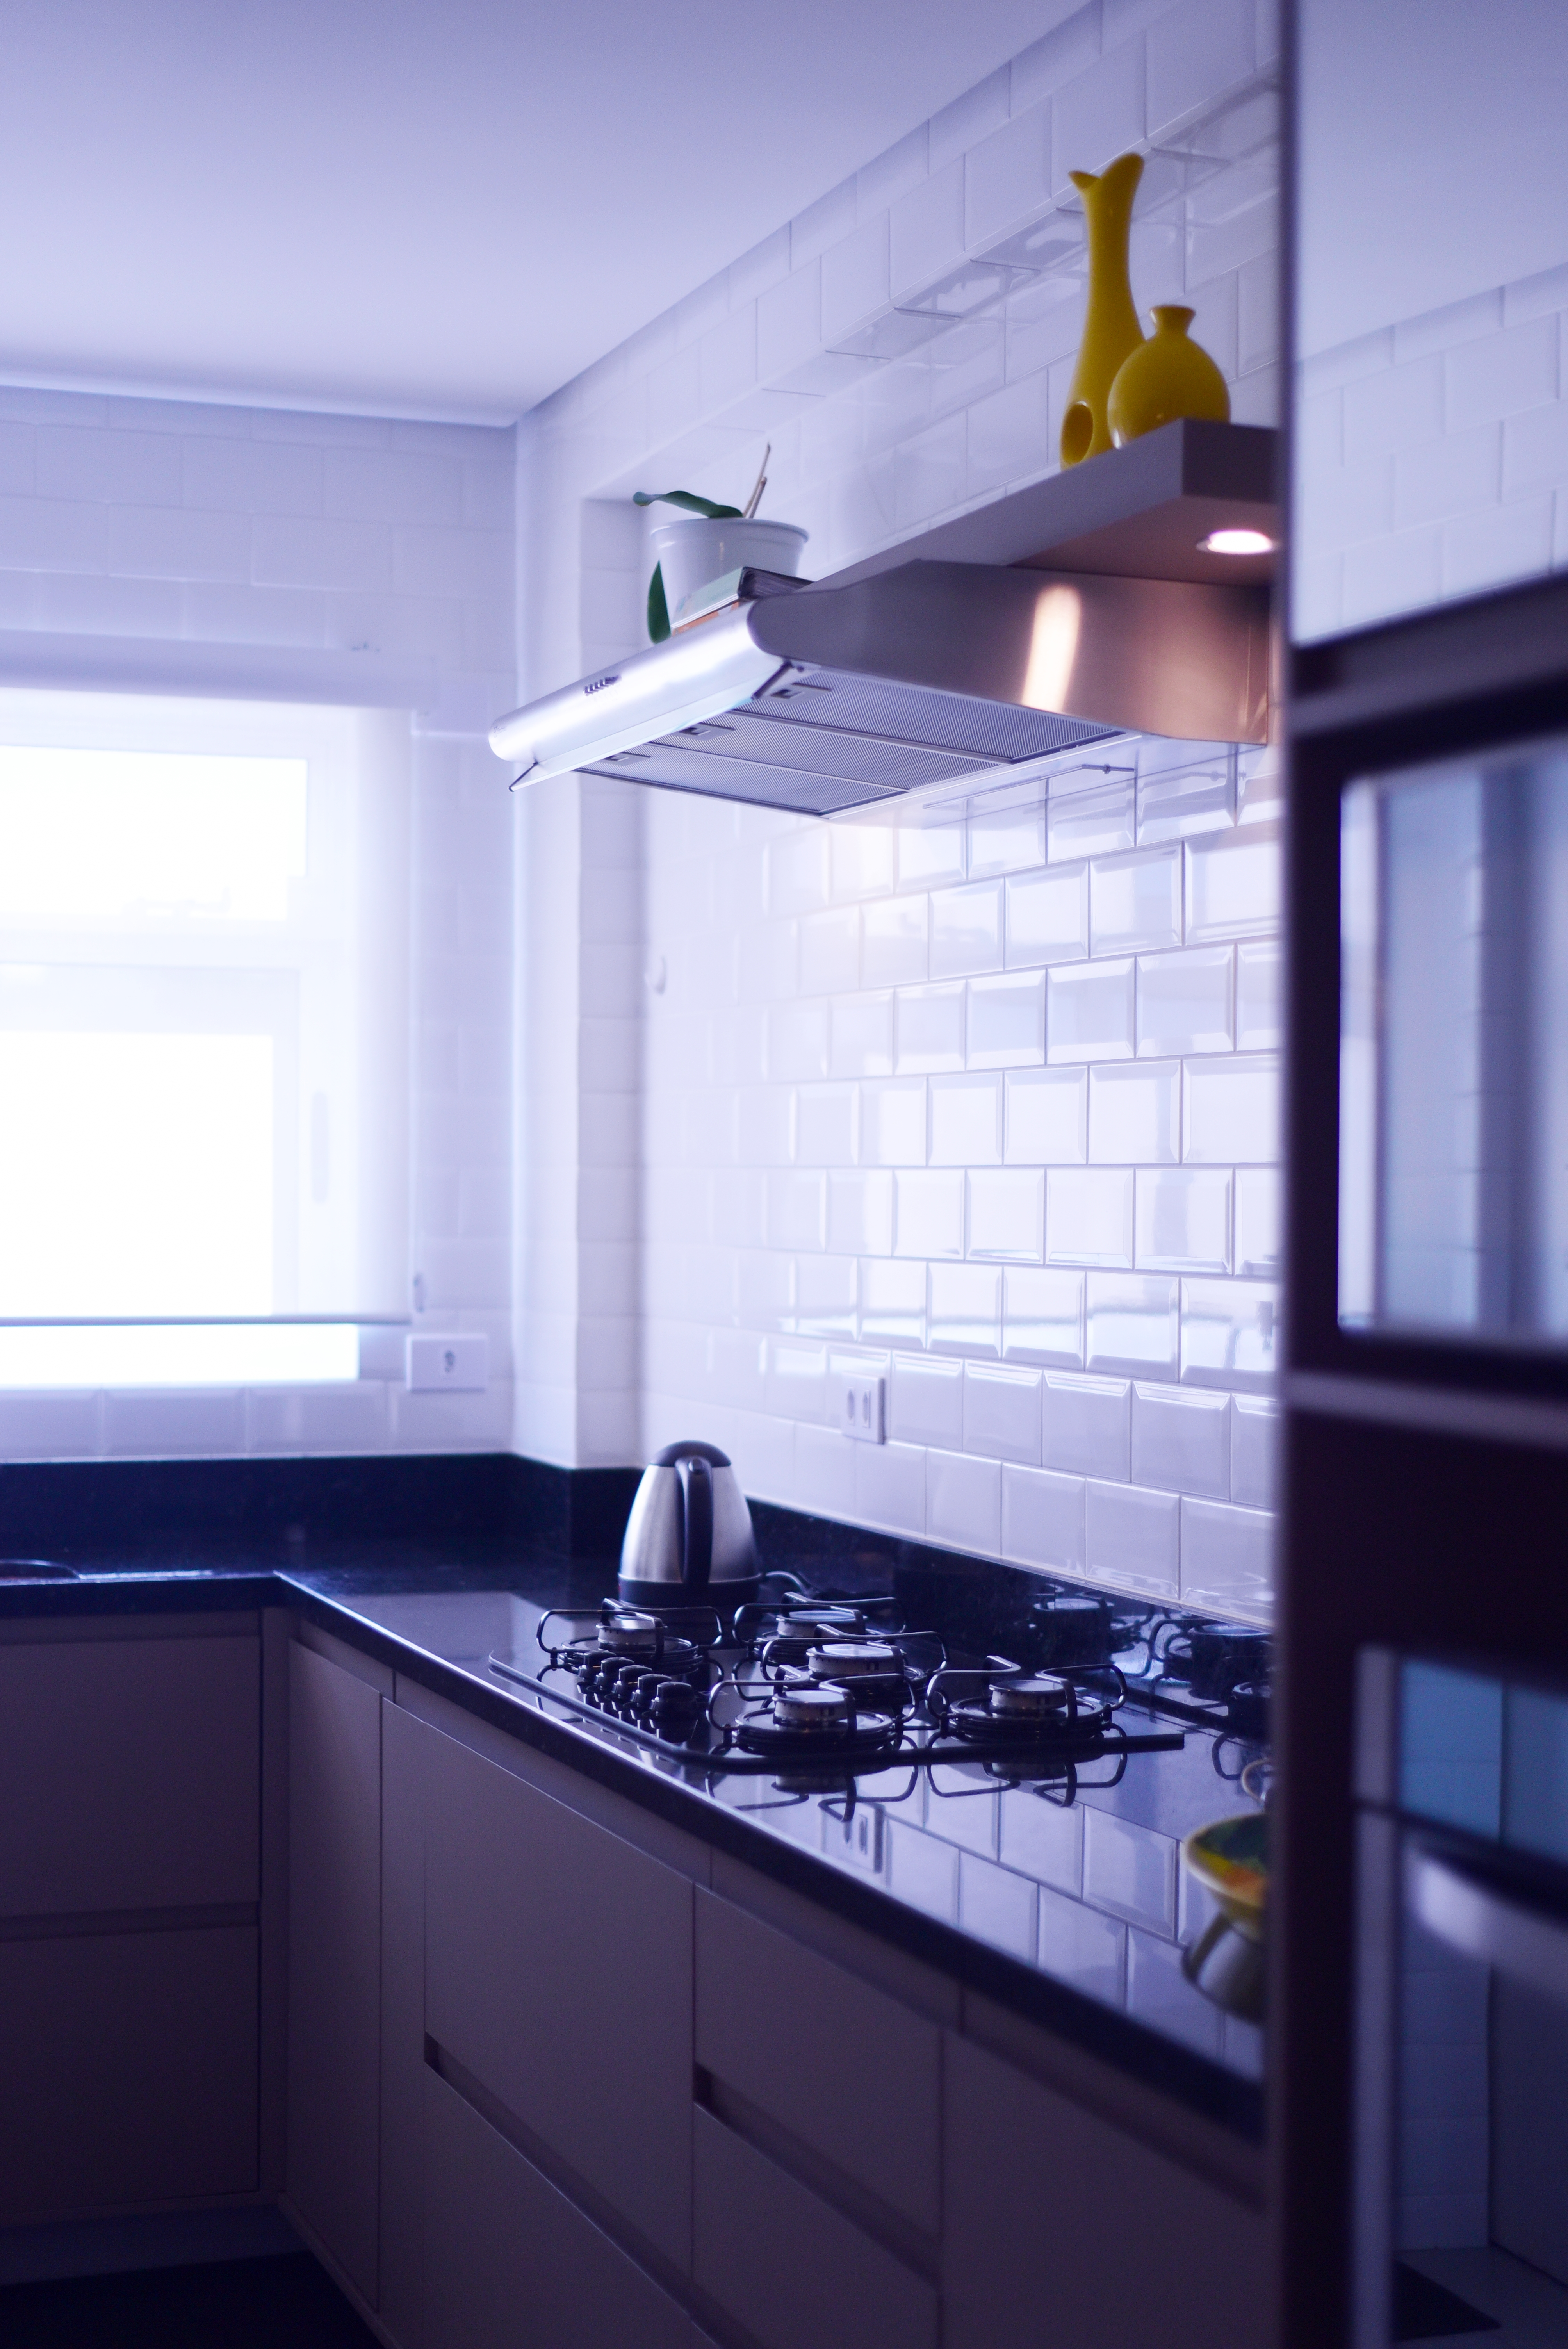 Projeto de design para reforma de apartamento moderno em Curitiba - Estudio Murilo Zadulski Interiores - Projeto cozinha moderna minimalista 02